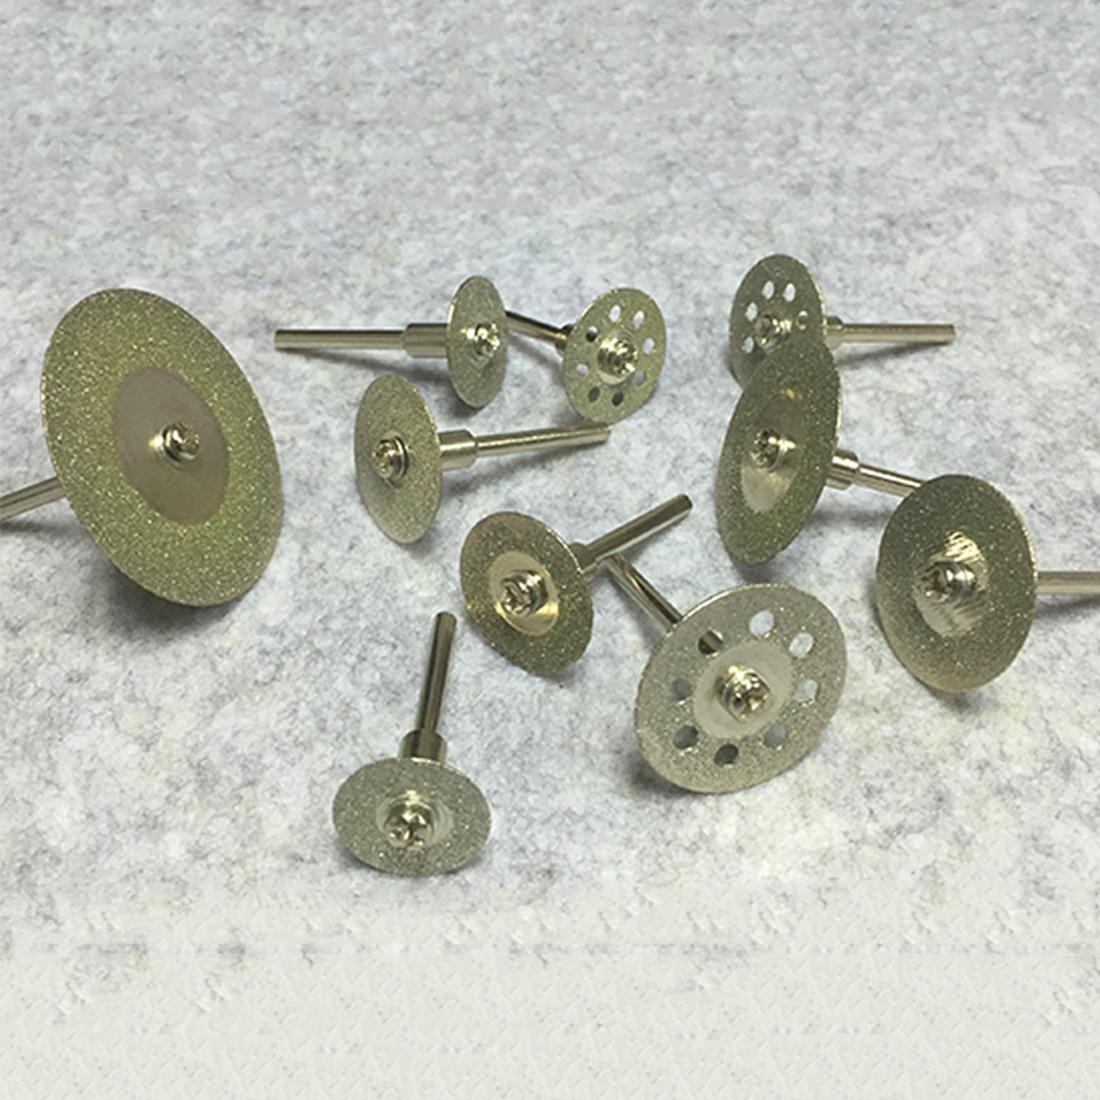 Juego de rueda de sujeción de corte Disco de corte de diamante 10 Uds herramientas de corte/molienda/grabado giratorio